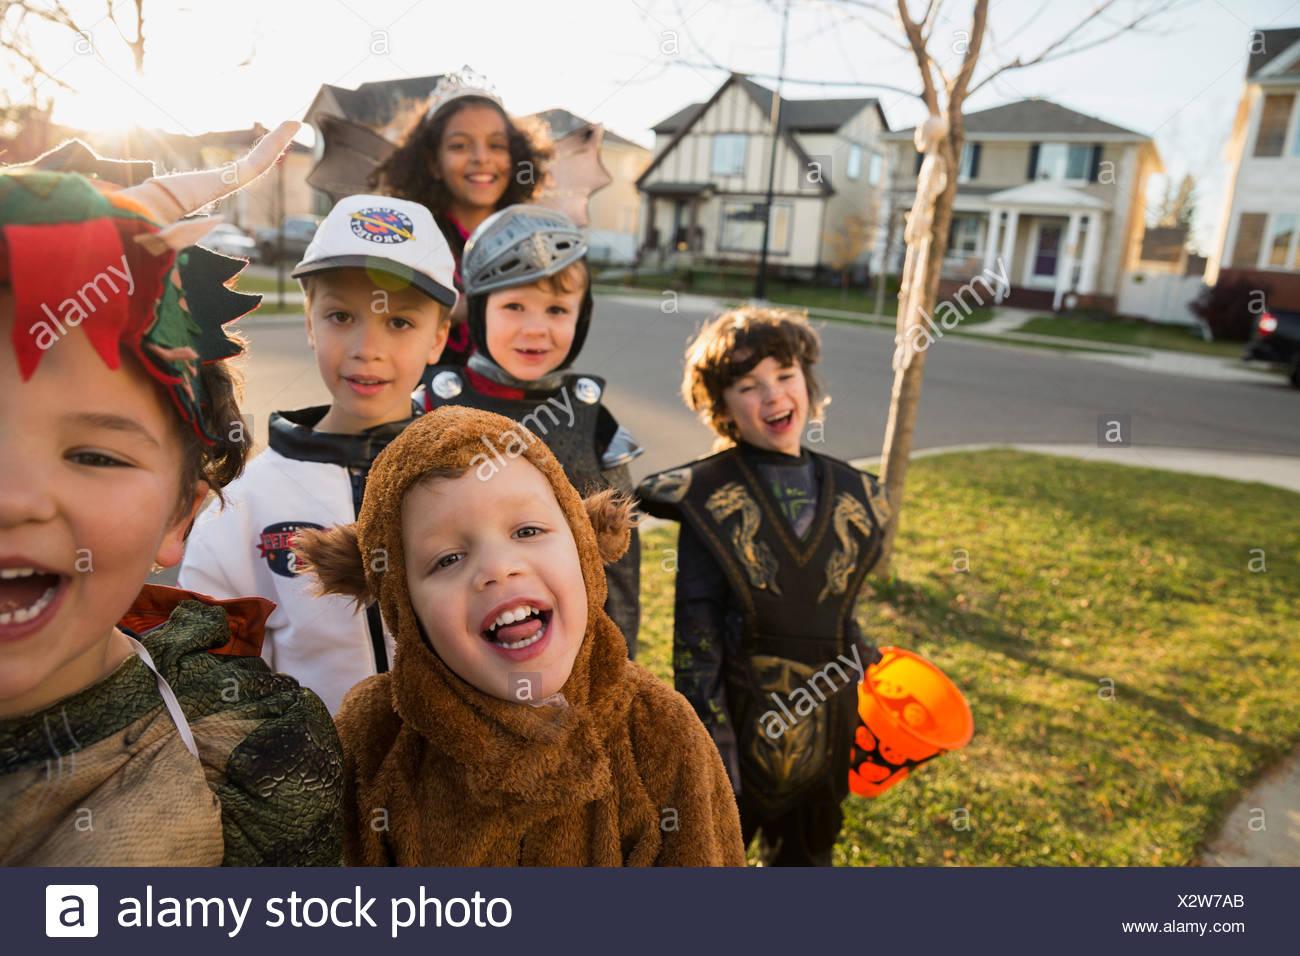 Ritratto entusiastico kids in costumi di Halloween Immagini Stock